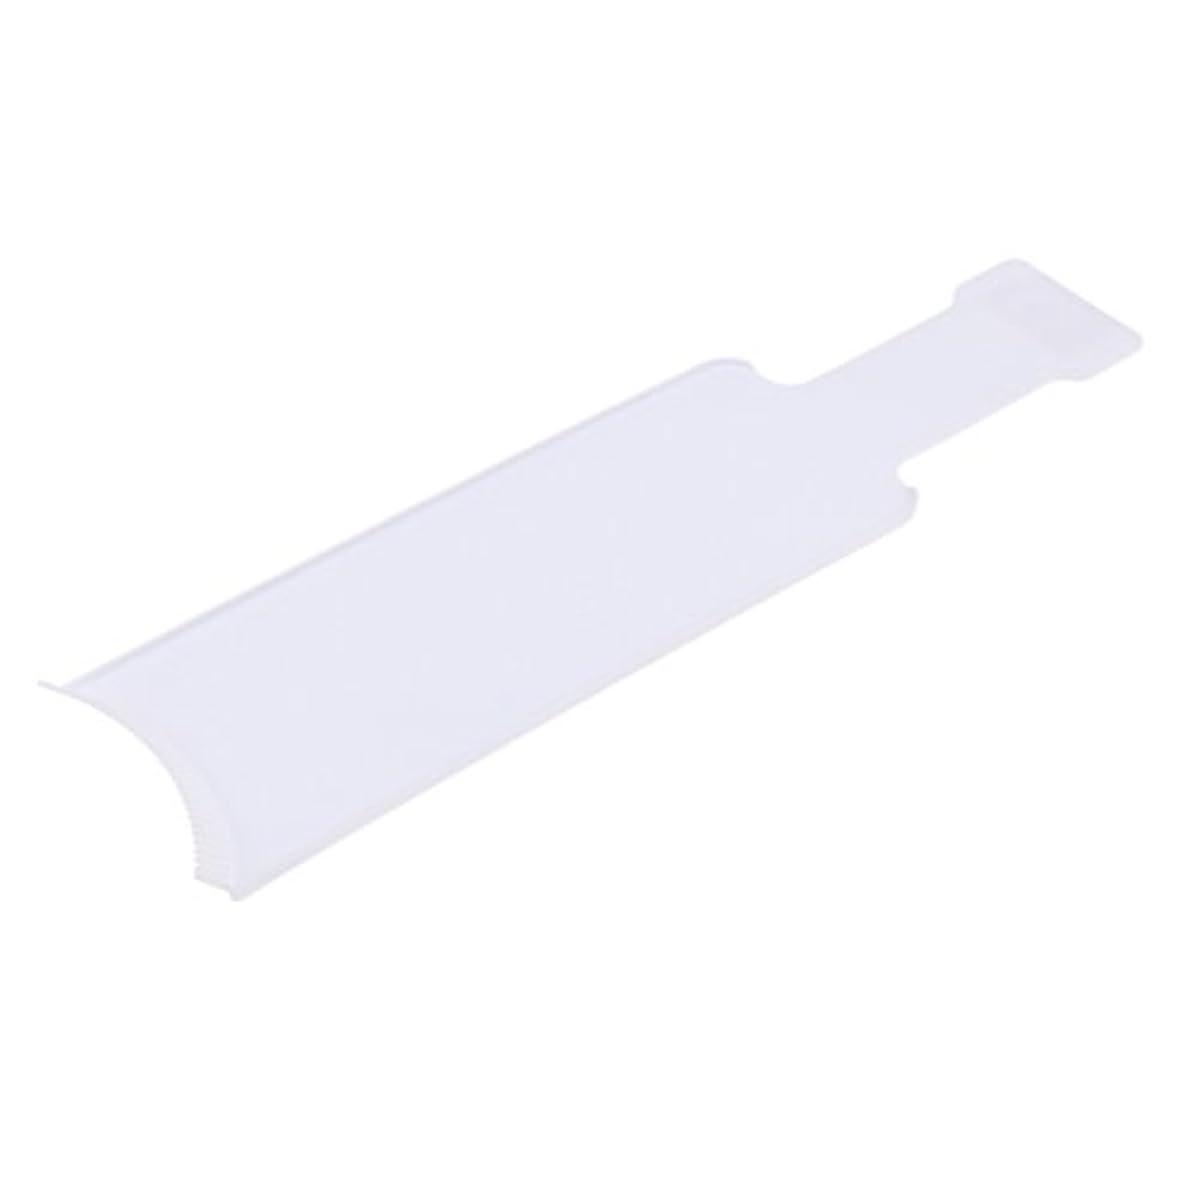 正しい序文させる染色櫛プレート 着色ボード 染めボード ヘアカラー ヘアブラシ 便利 おしゃれ染 2サイズ2色選べる - 白, L